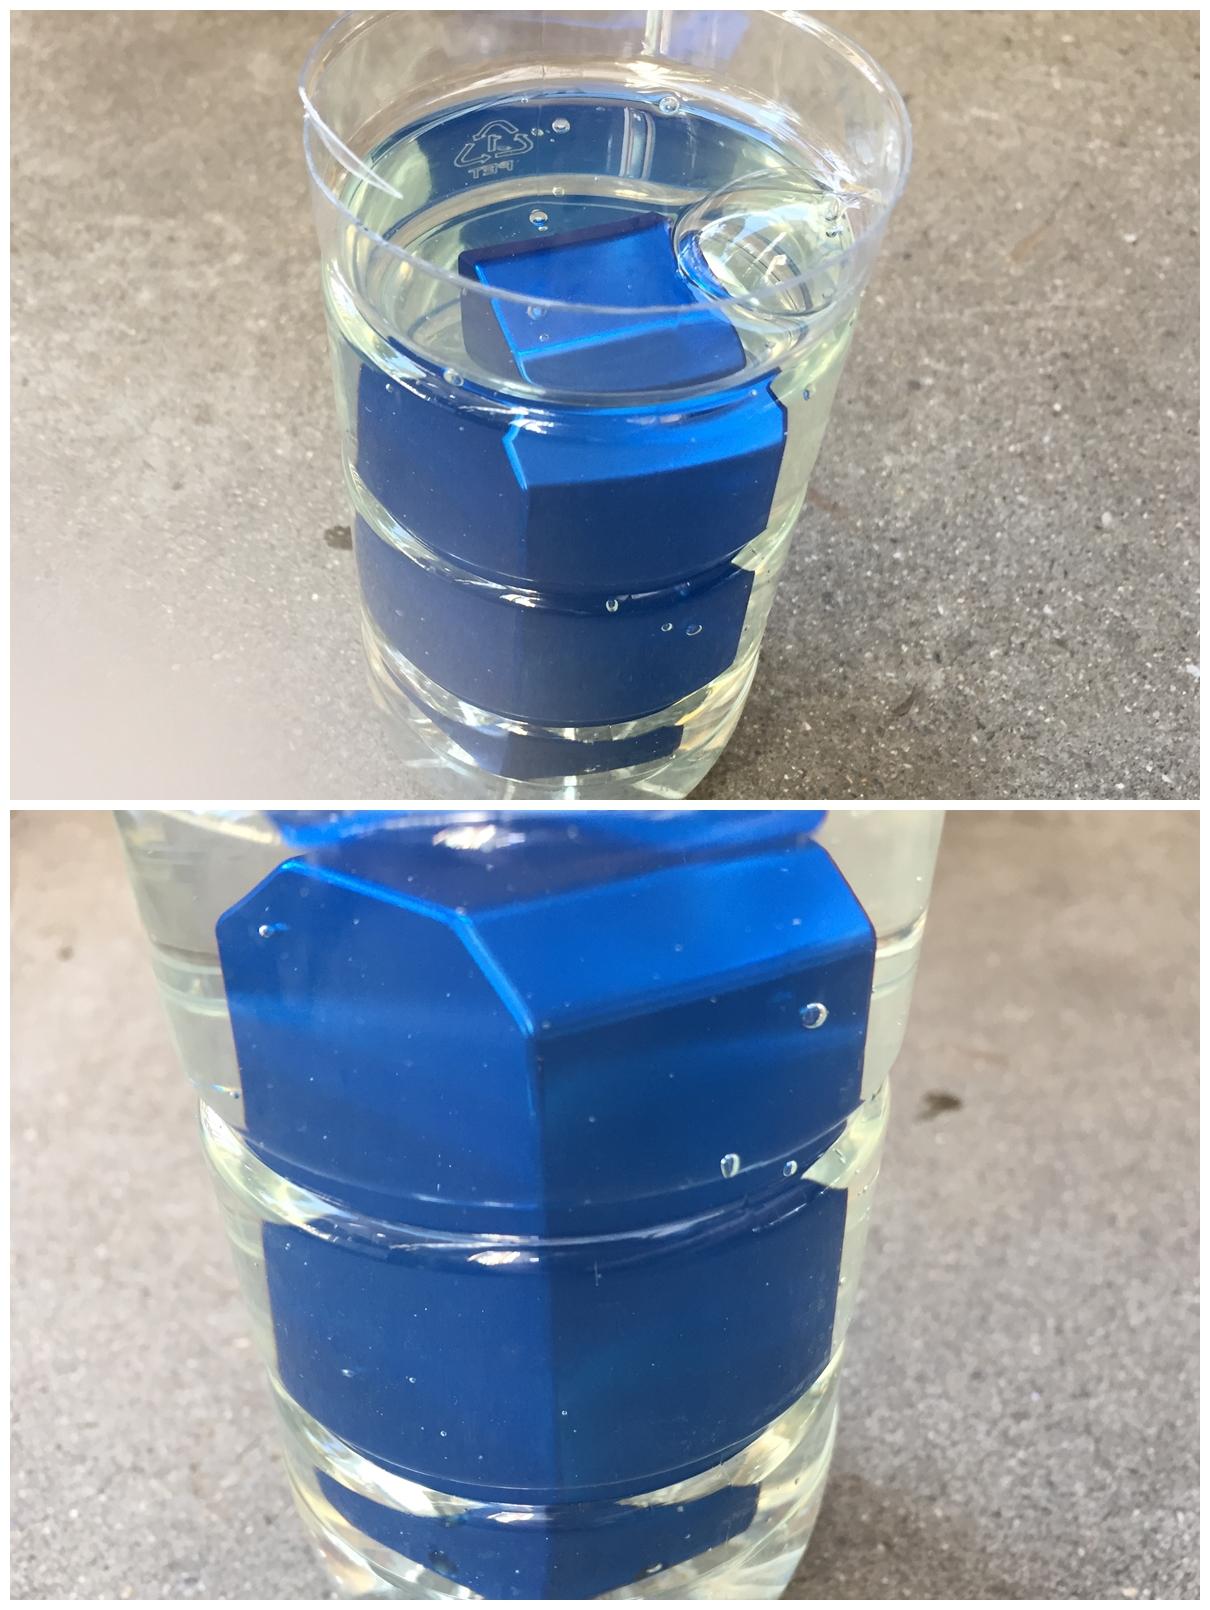 5 簡単 アルマイト 除去 ポリッシュ 鏡面 加工 UAC P-MAG アルミニウム マガジン ベース パッド